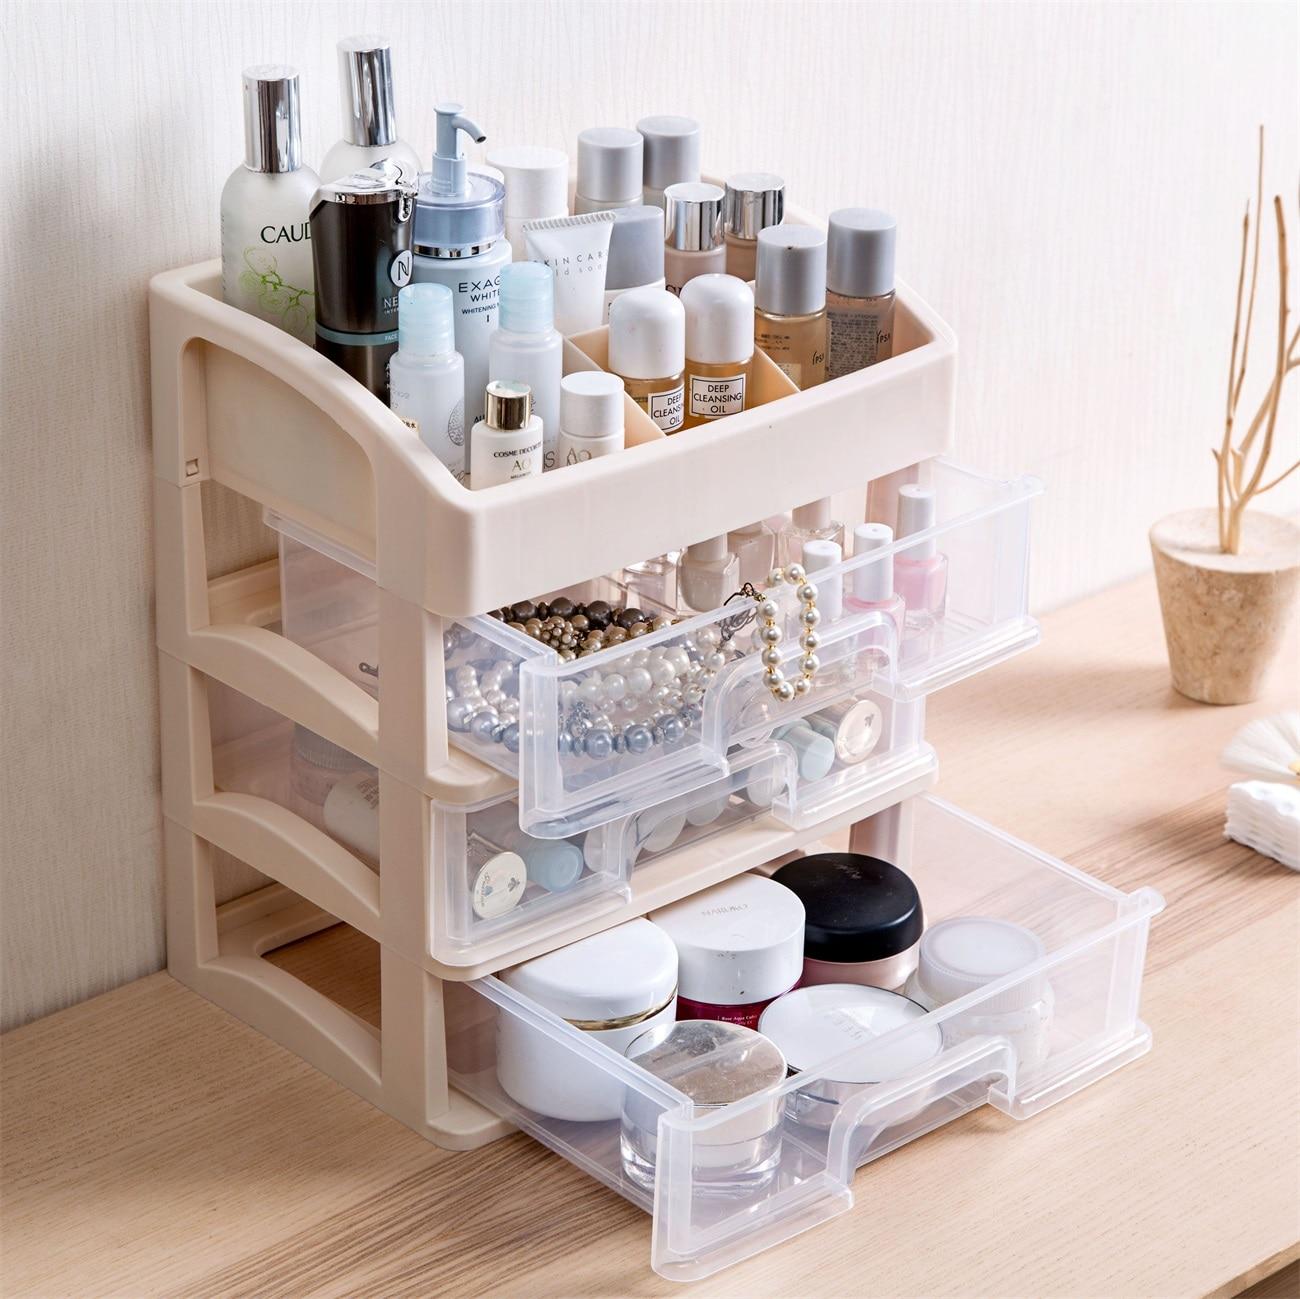 خزانة درج متعدد الطبقات مستحضرات التجميل تخزين الرف فرشاة للمكياج حامل المنزل طاولة مكتبية أشتات البلاستيك الغبار واقية المنظم